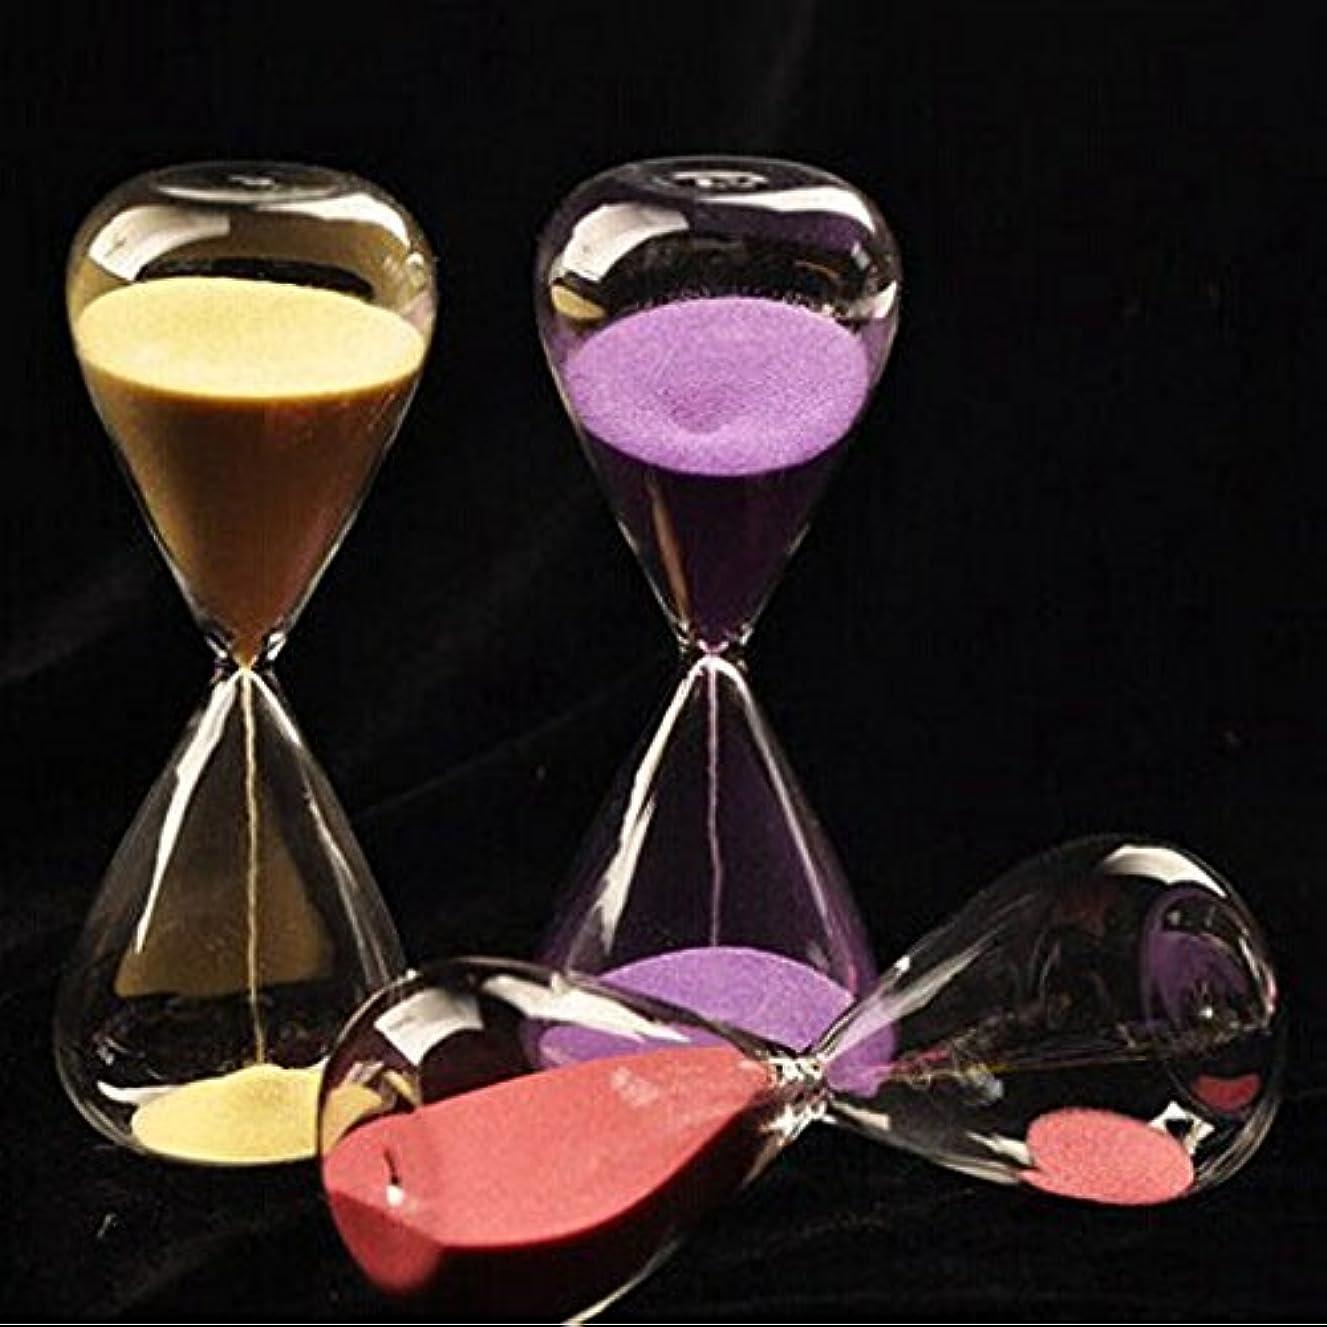 抑圧する今皮肉な美しい デザイン 10分クリスタル透明ガラス砂時計時間カウンタ カウントダウン タイマー砂時計時計ギフト